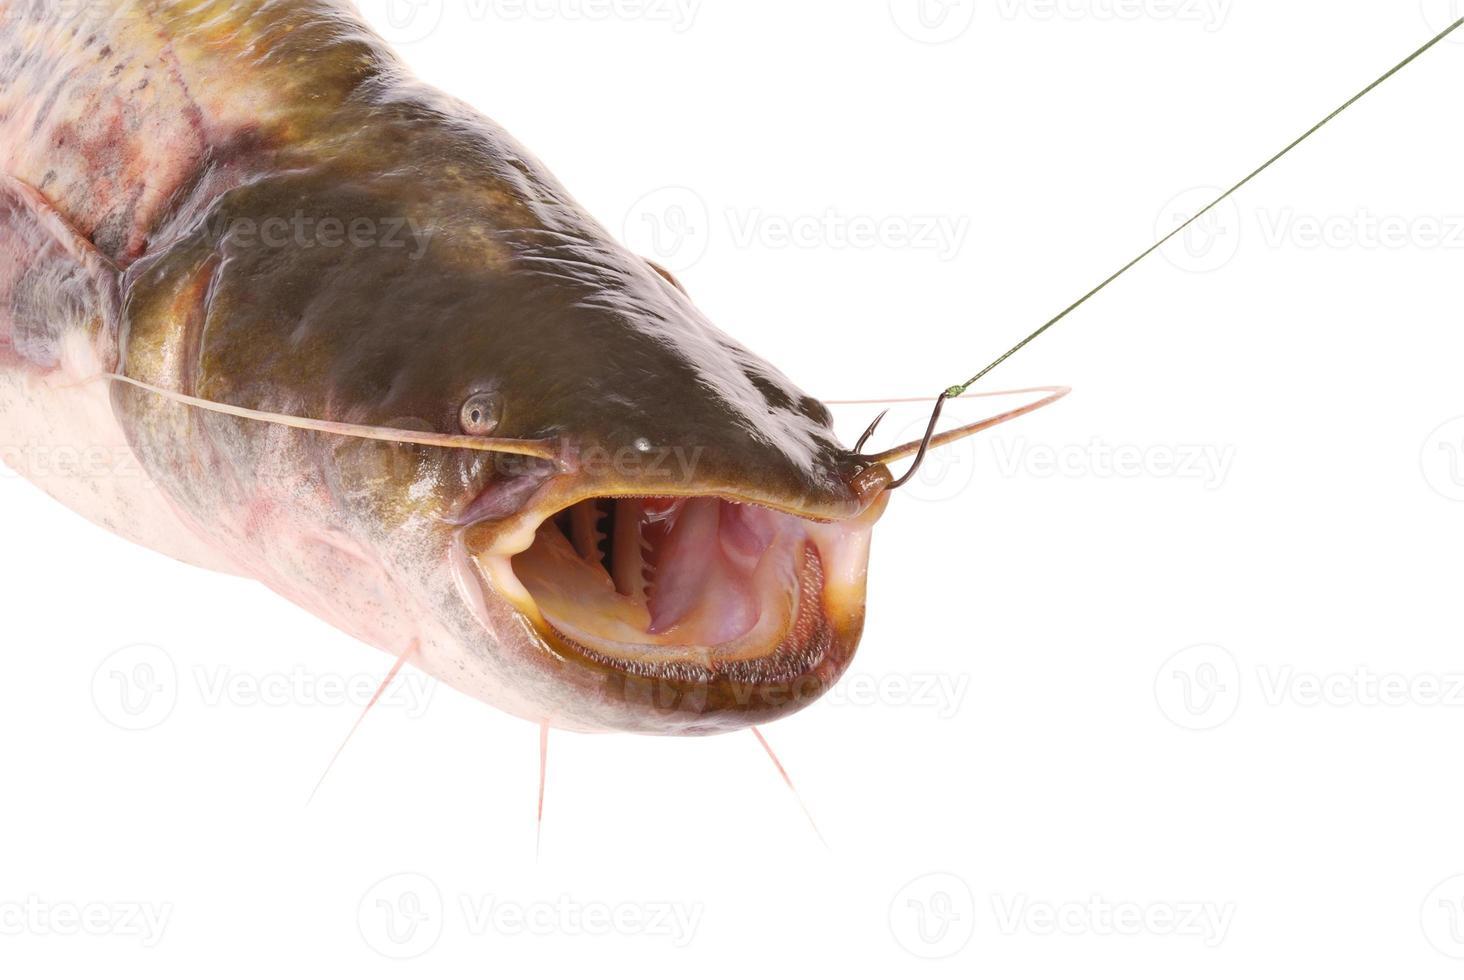 peixe-gato no anzol (caminho de recorte) foto